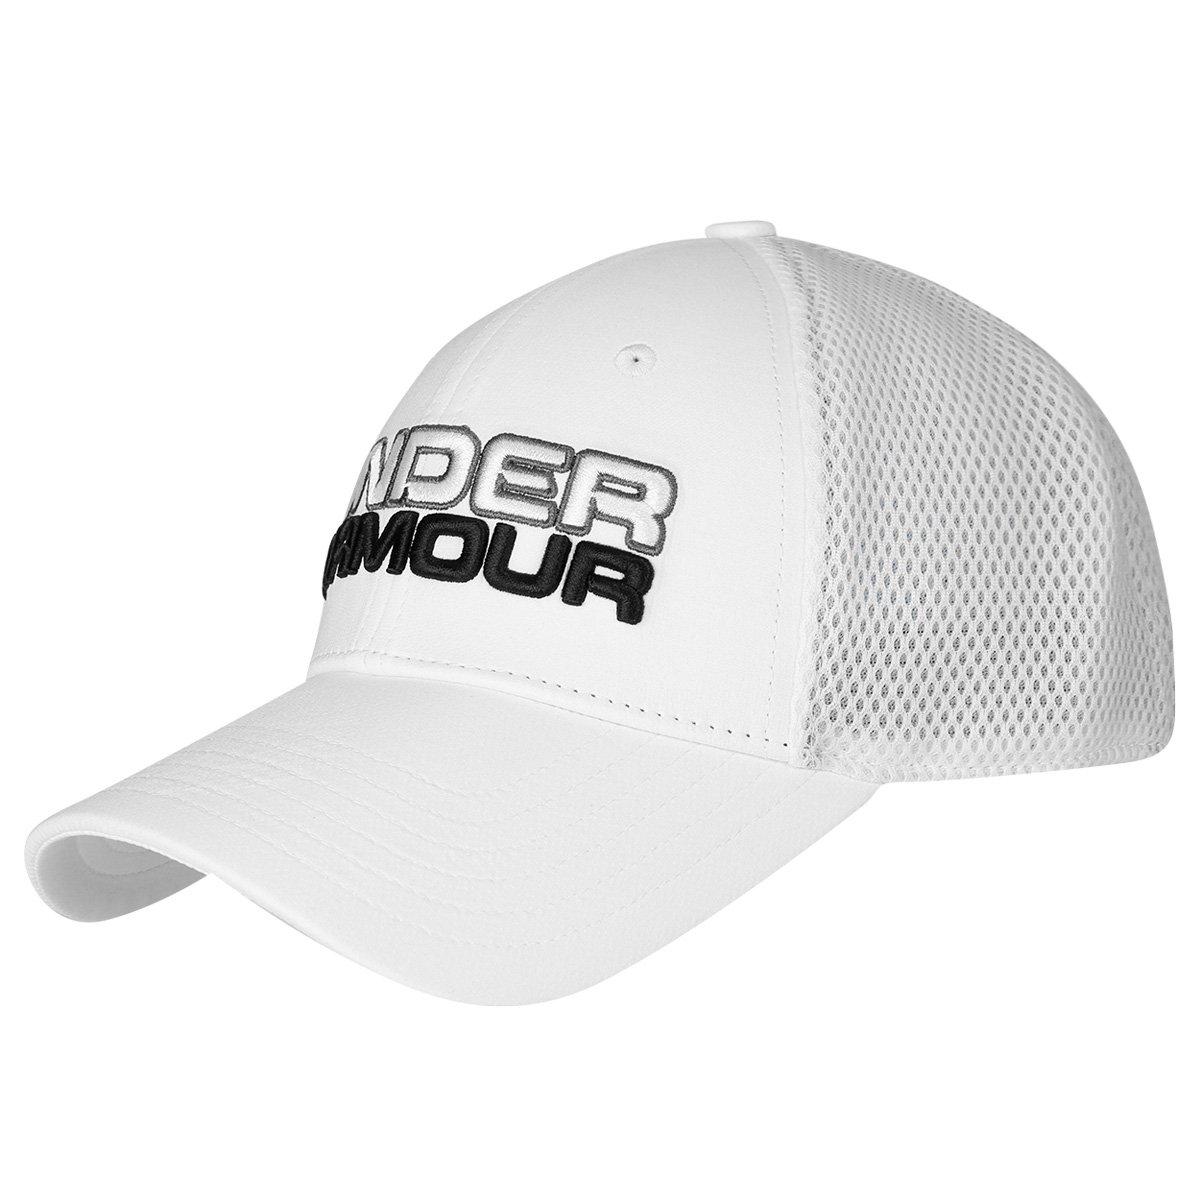 Boné Under Armour Aba Curva Sports Style - Compre Agora  905e695616e